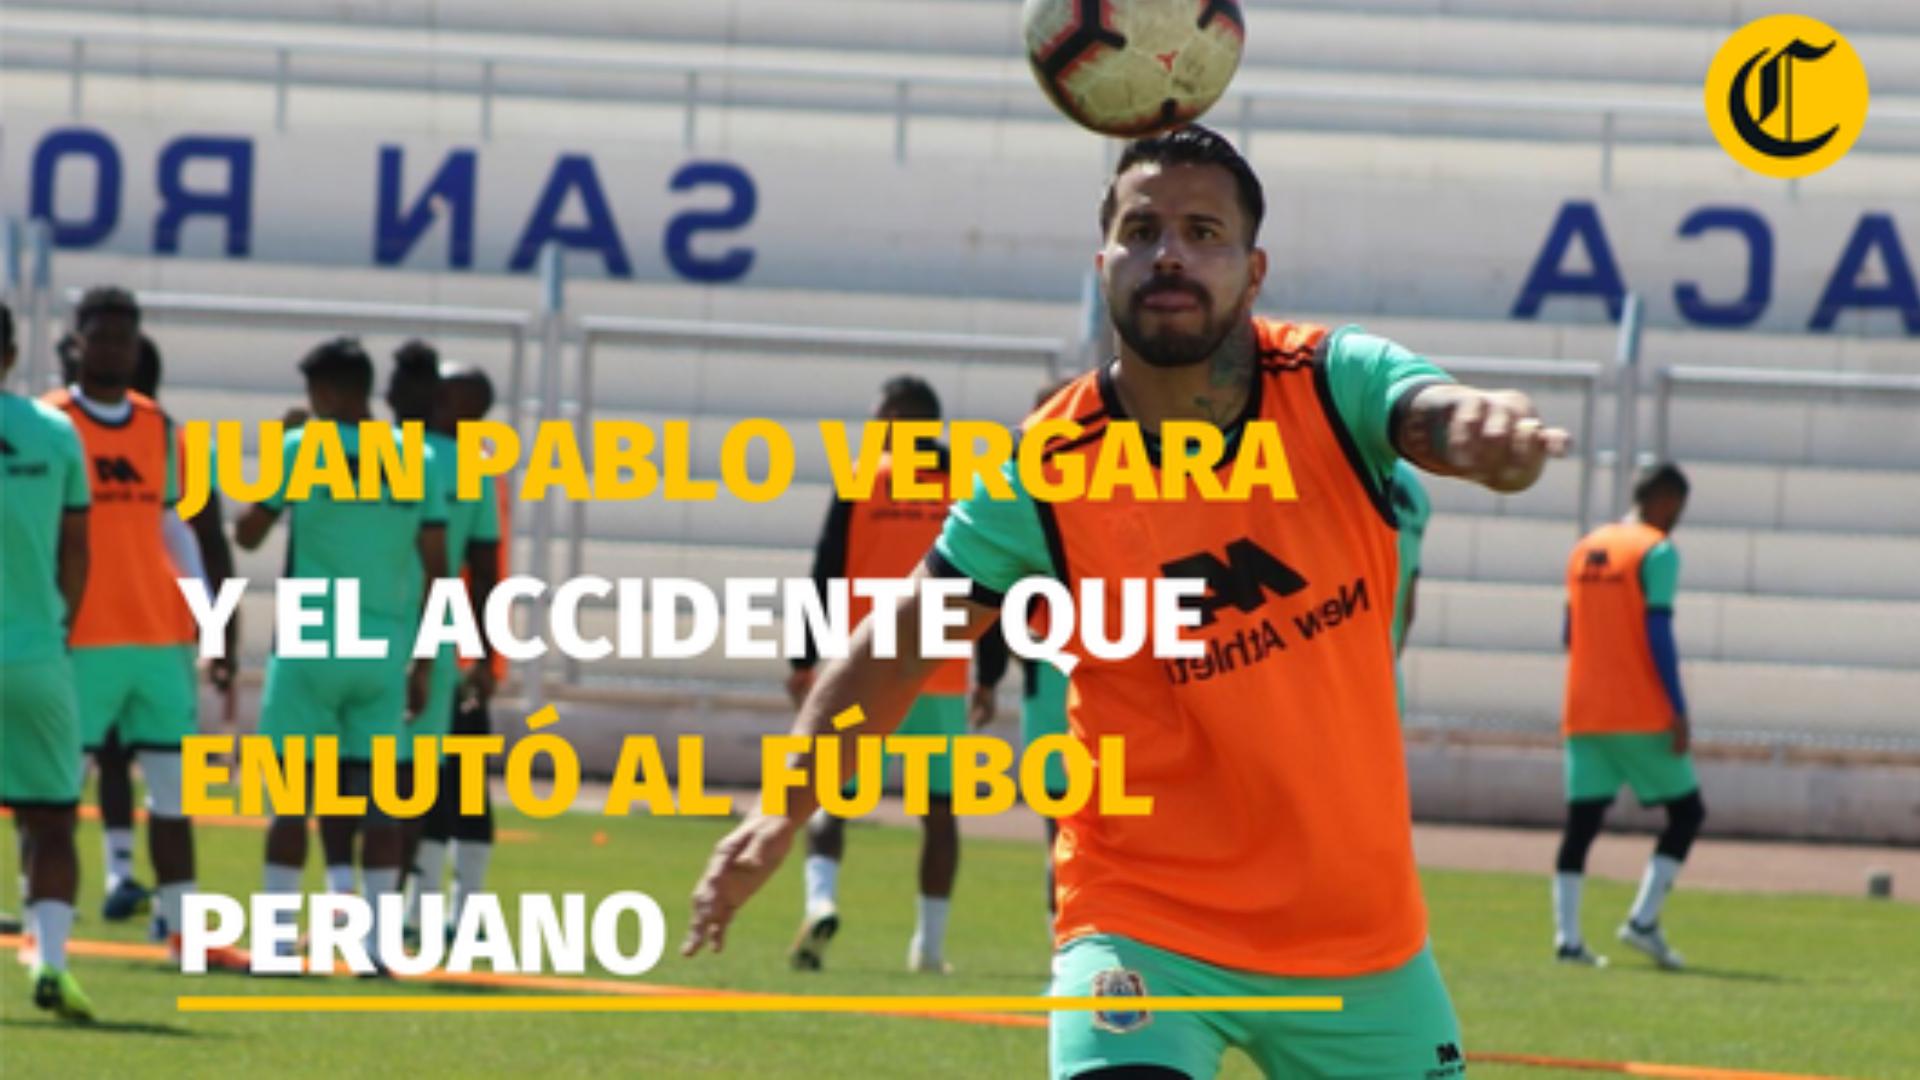 Juan Pablo Vergara y el accidente que enlutó al fútbol peruano